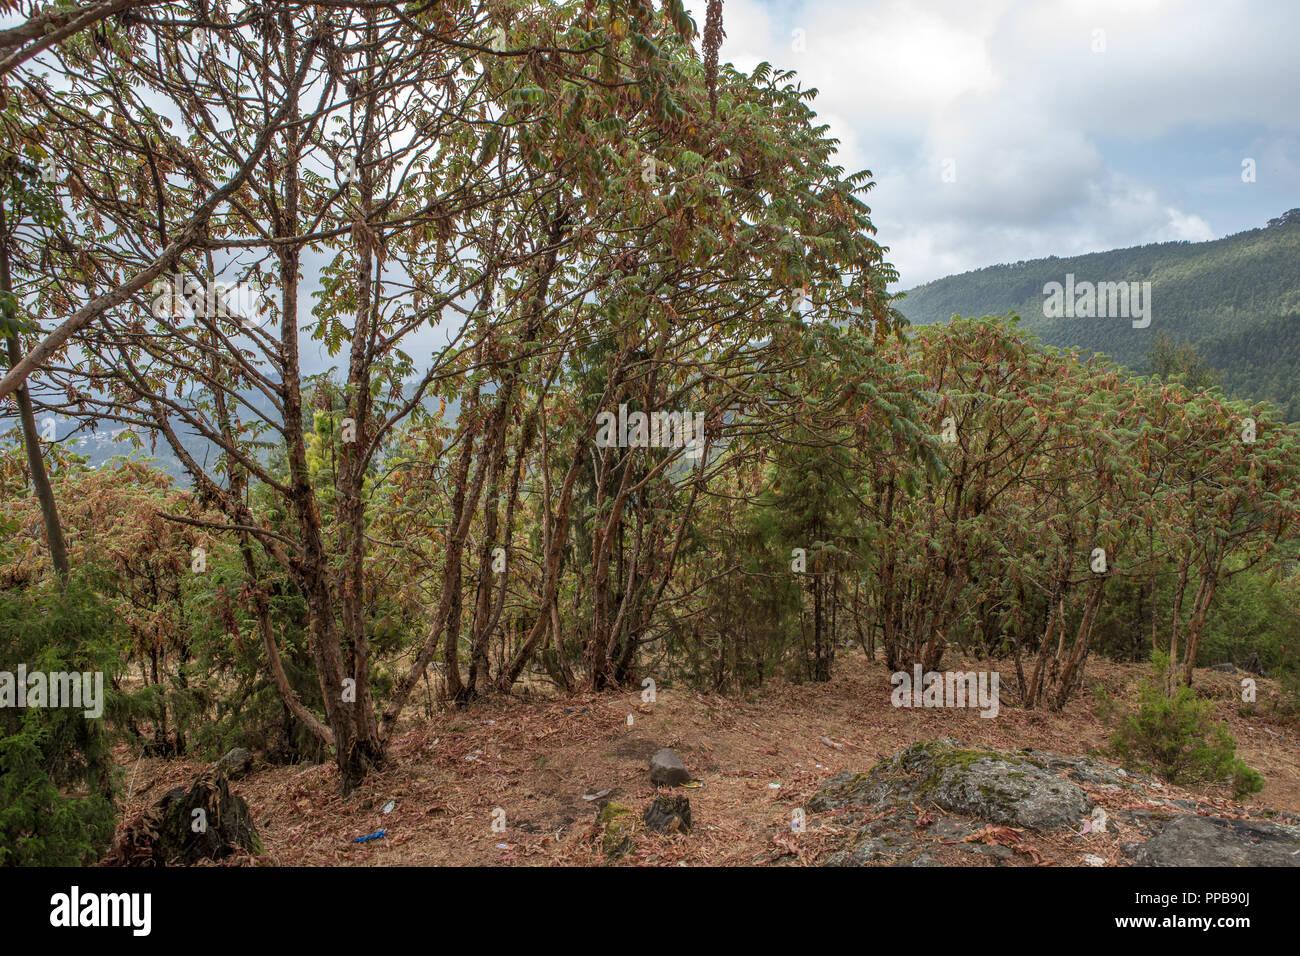 Mount Entoto, Ethiopia - Stock Image